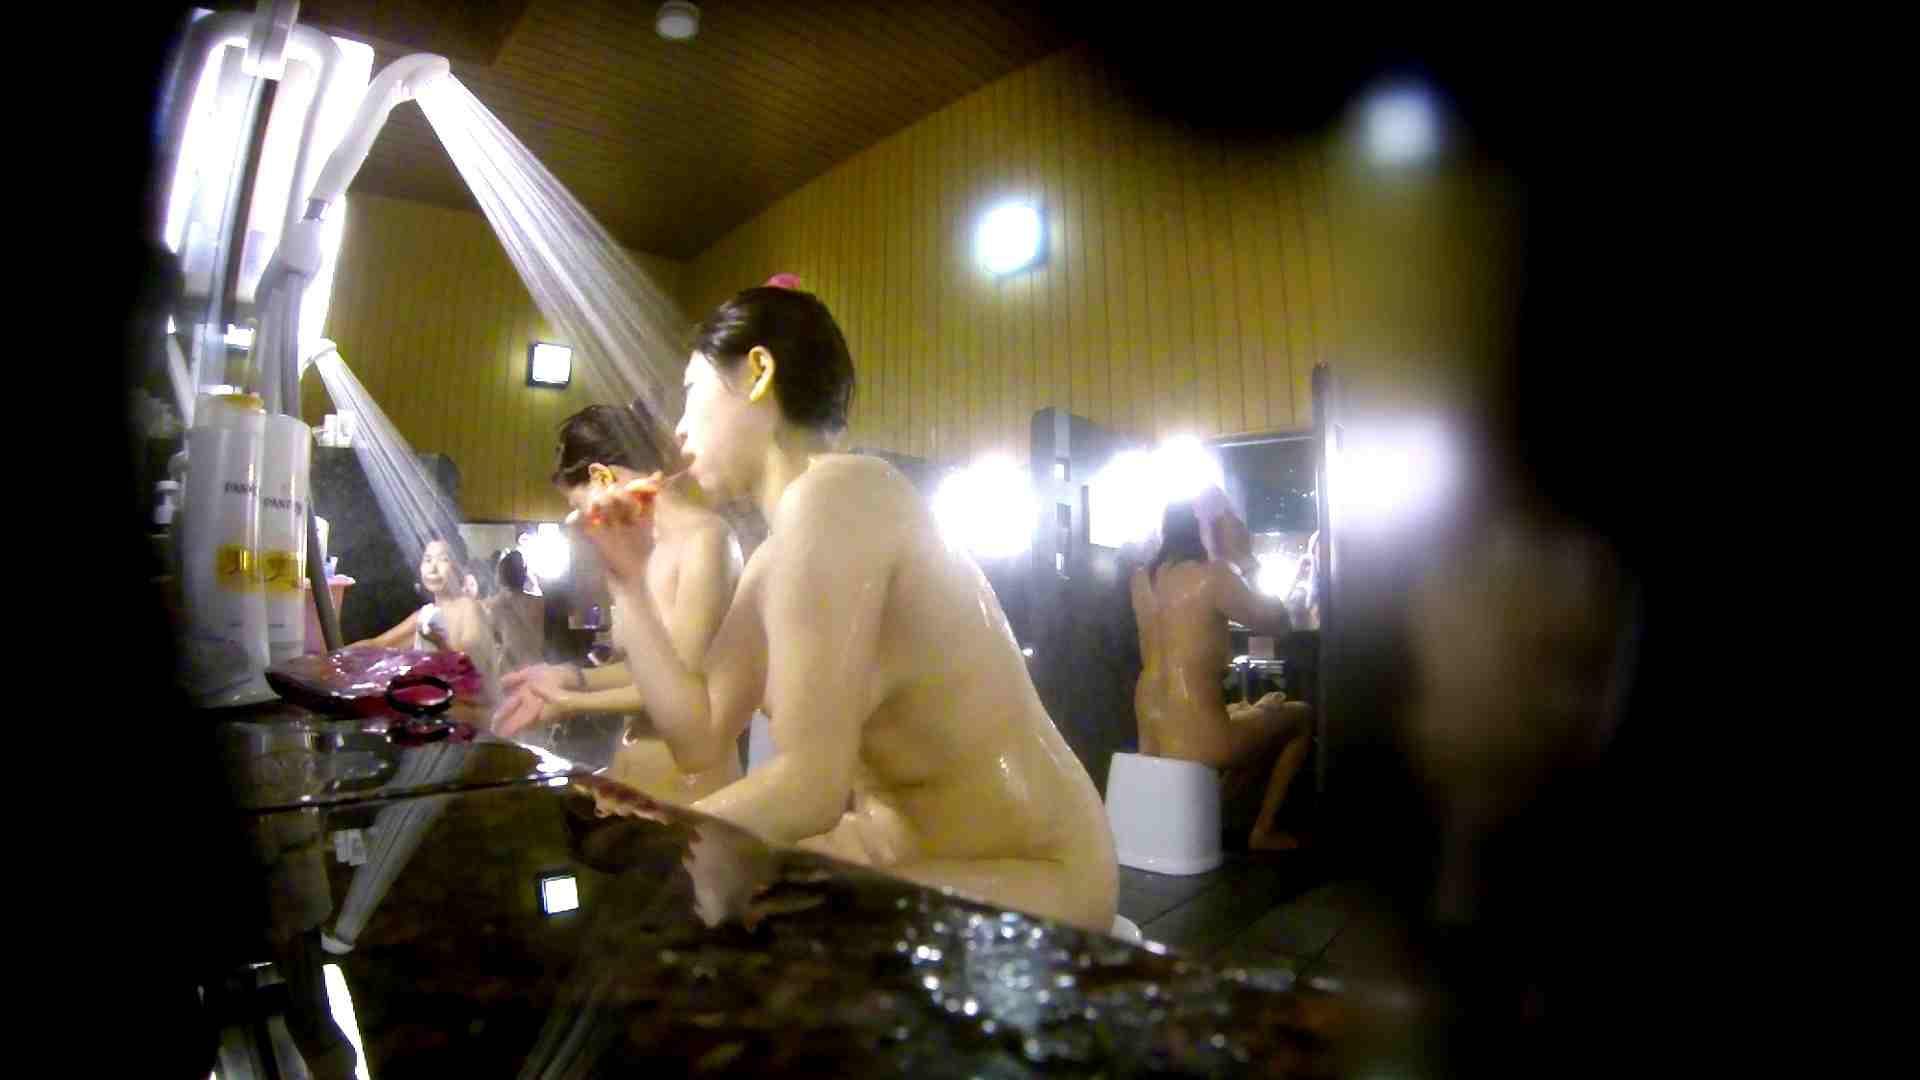 洗い場!柔らかそうな身体は良いけど、歯磨きが下品です。 お姉さん攻略 AV動画キャプチャ 107画像 2